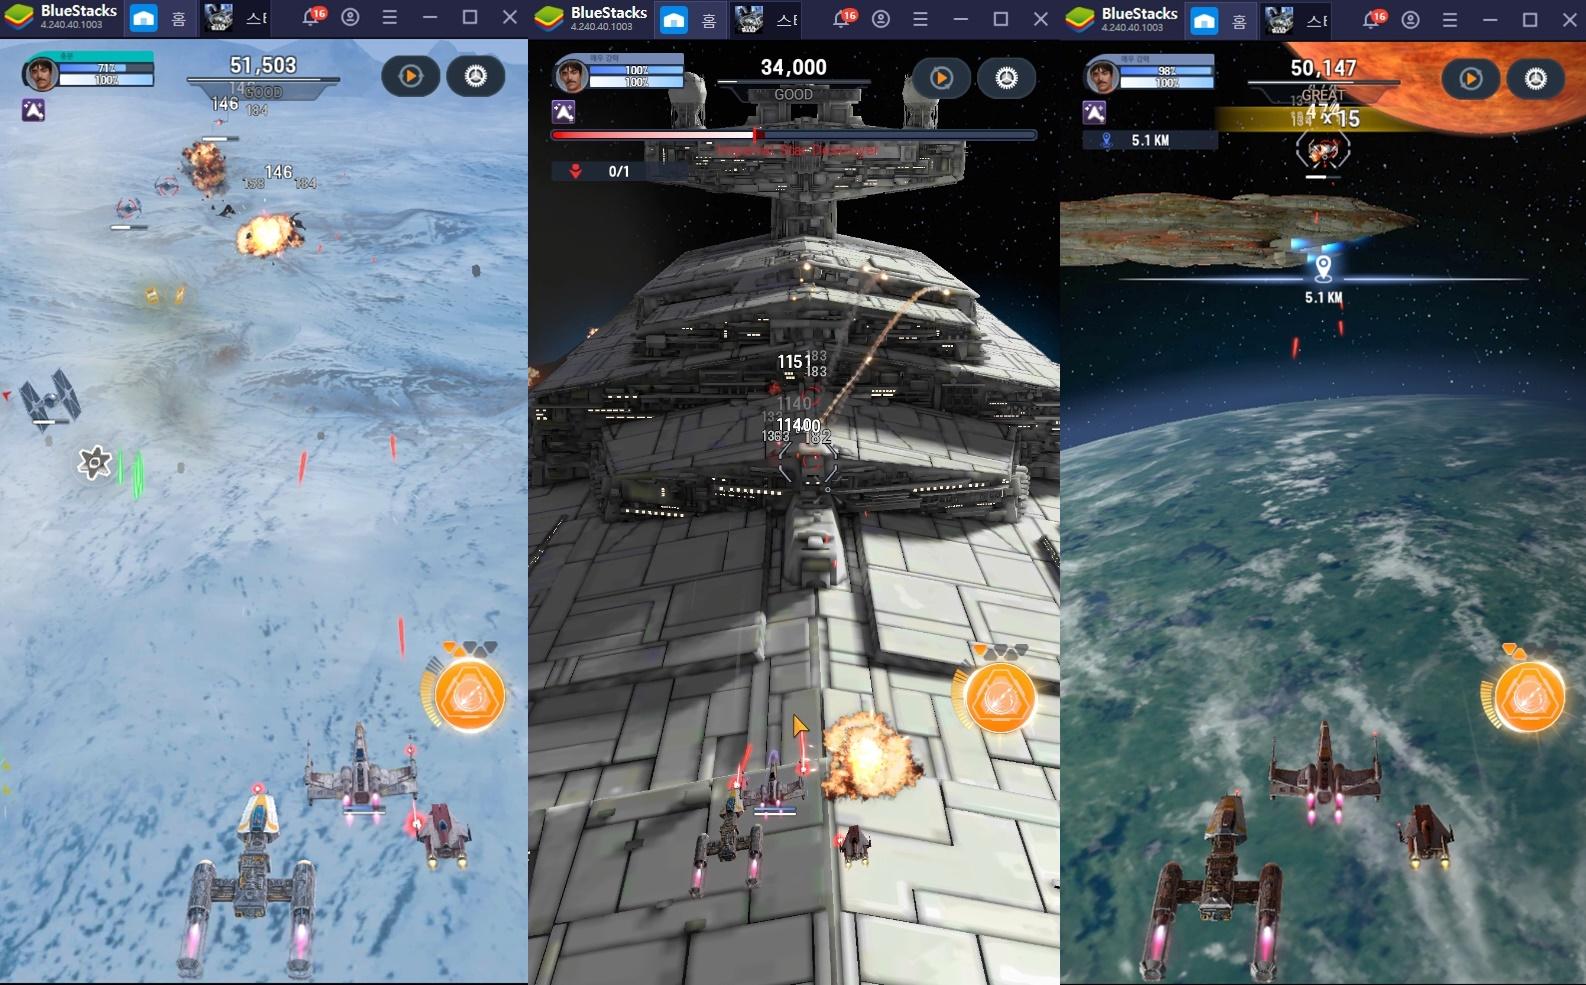 스타파이터 파일럿이 되어볼 수 있는 스타워즈: 스타파이터 미션, PC로 즐겨보자!